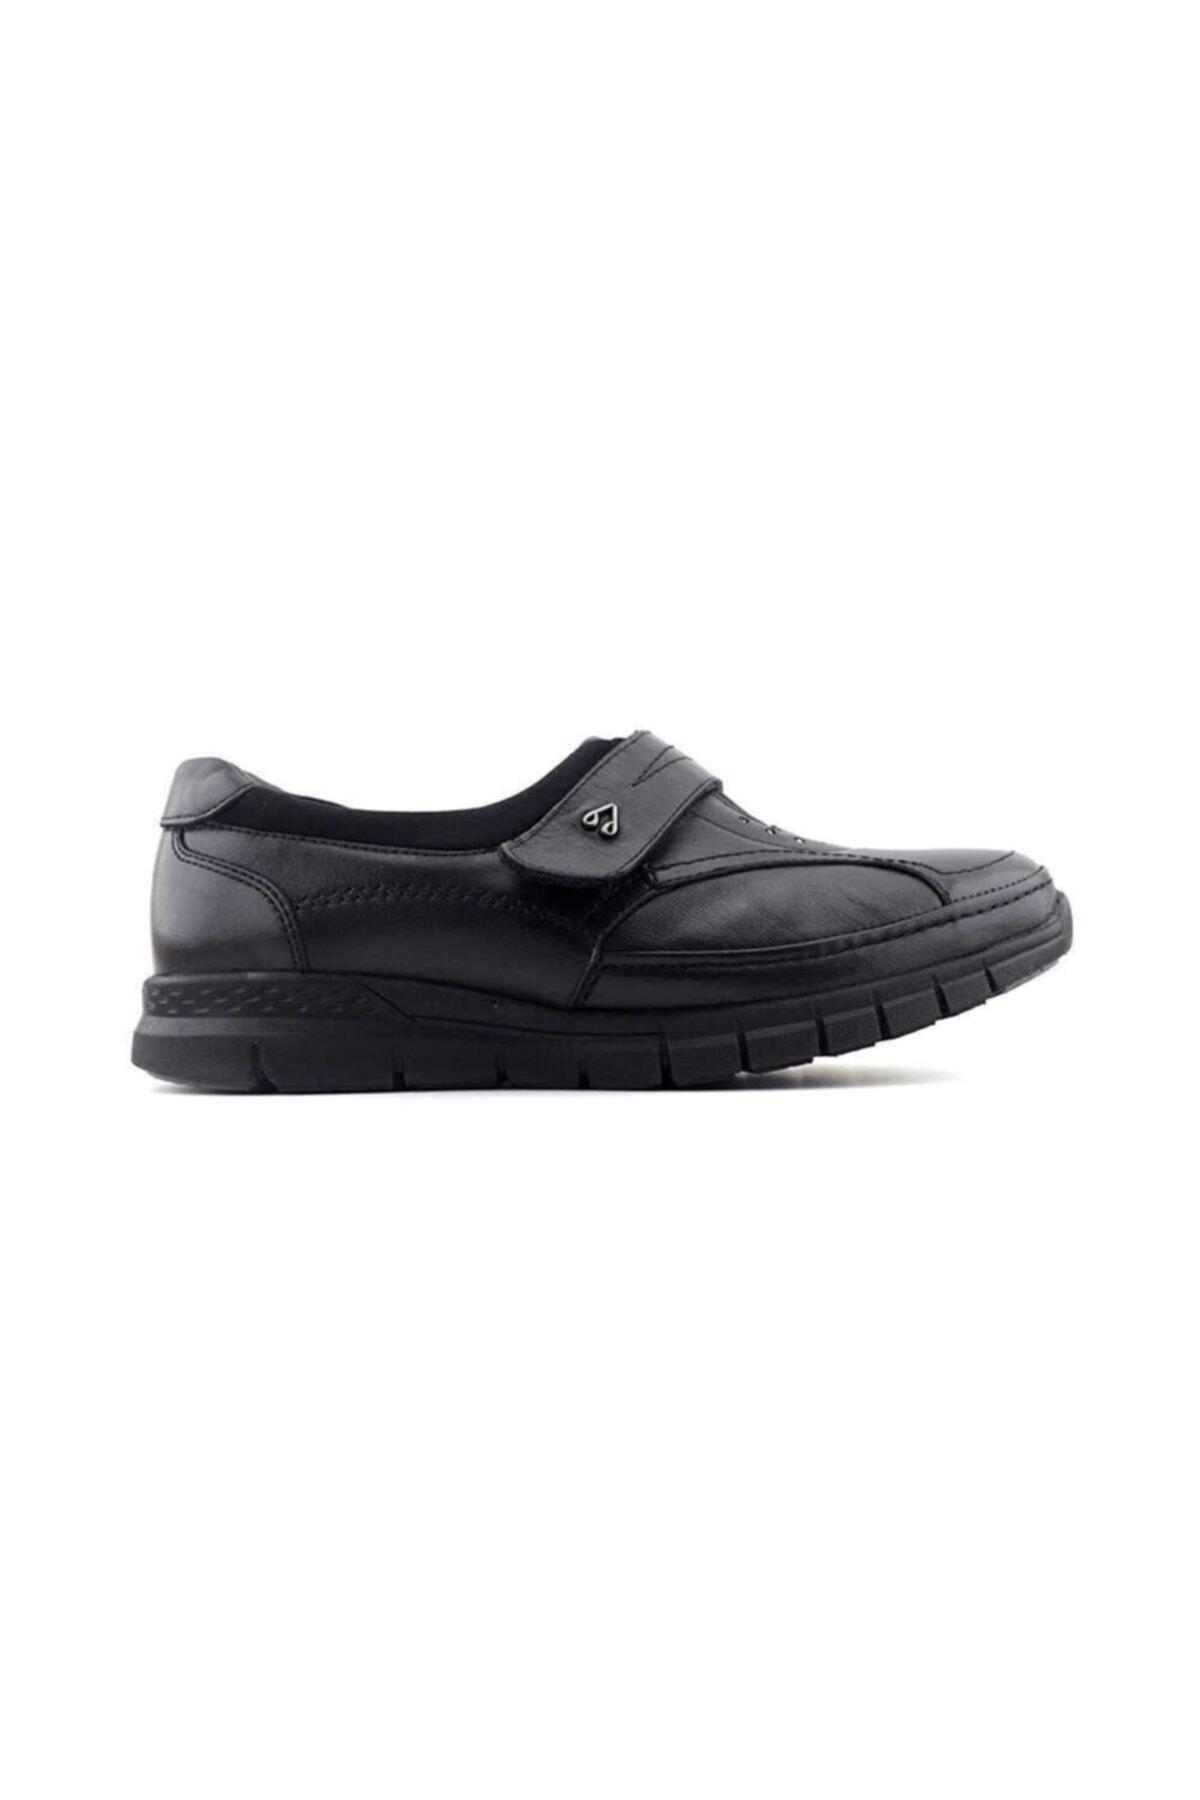 Forelli 29445 Kadın Siyah Deri Kemik Çıkıntısına Özel Ayakkabı 1